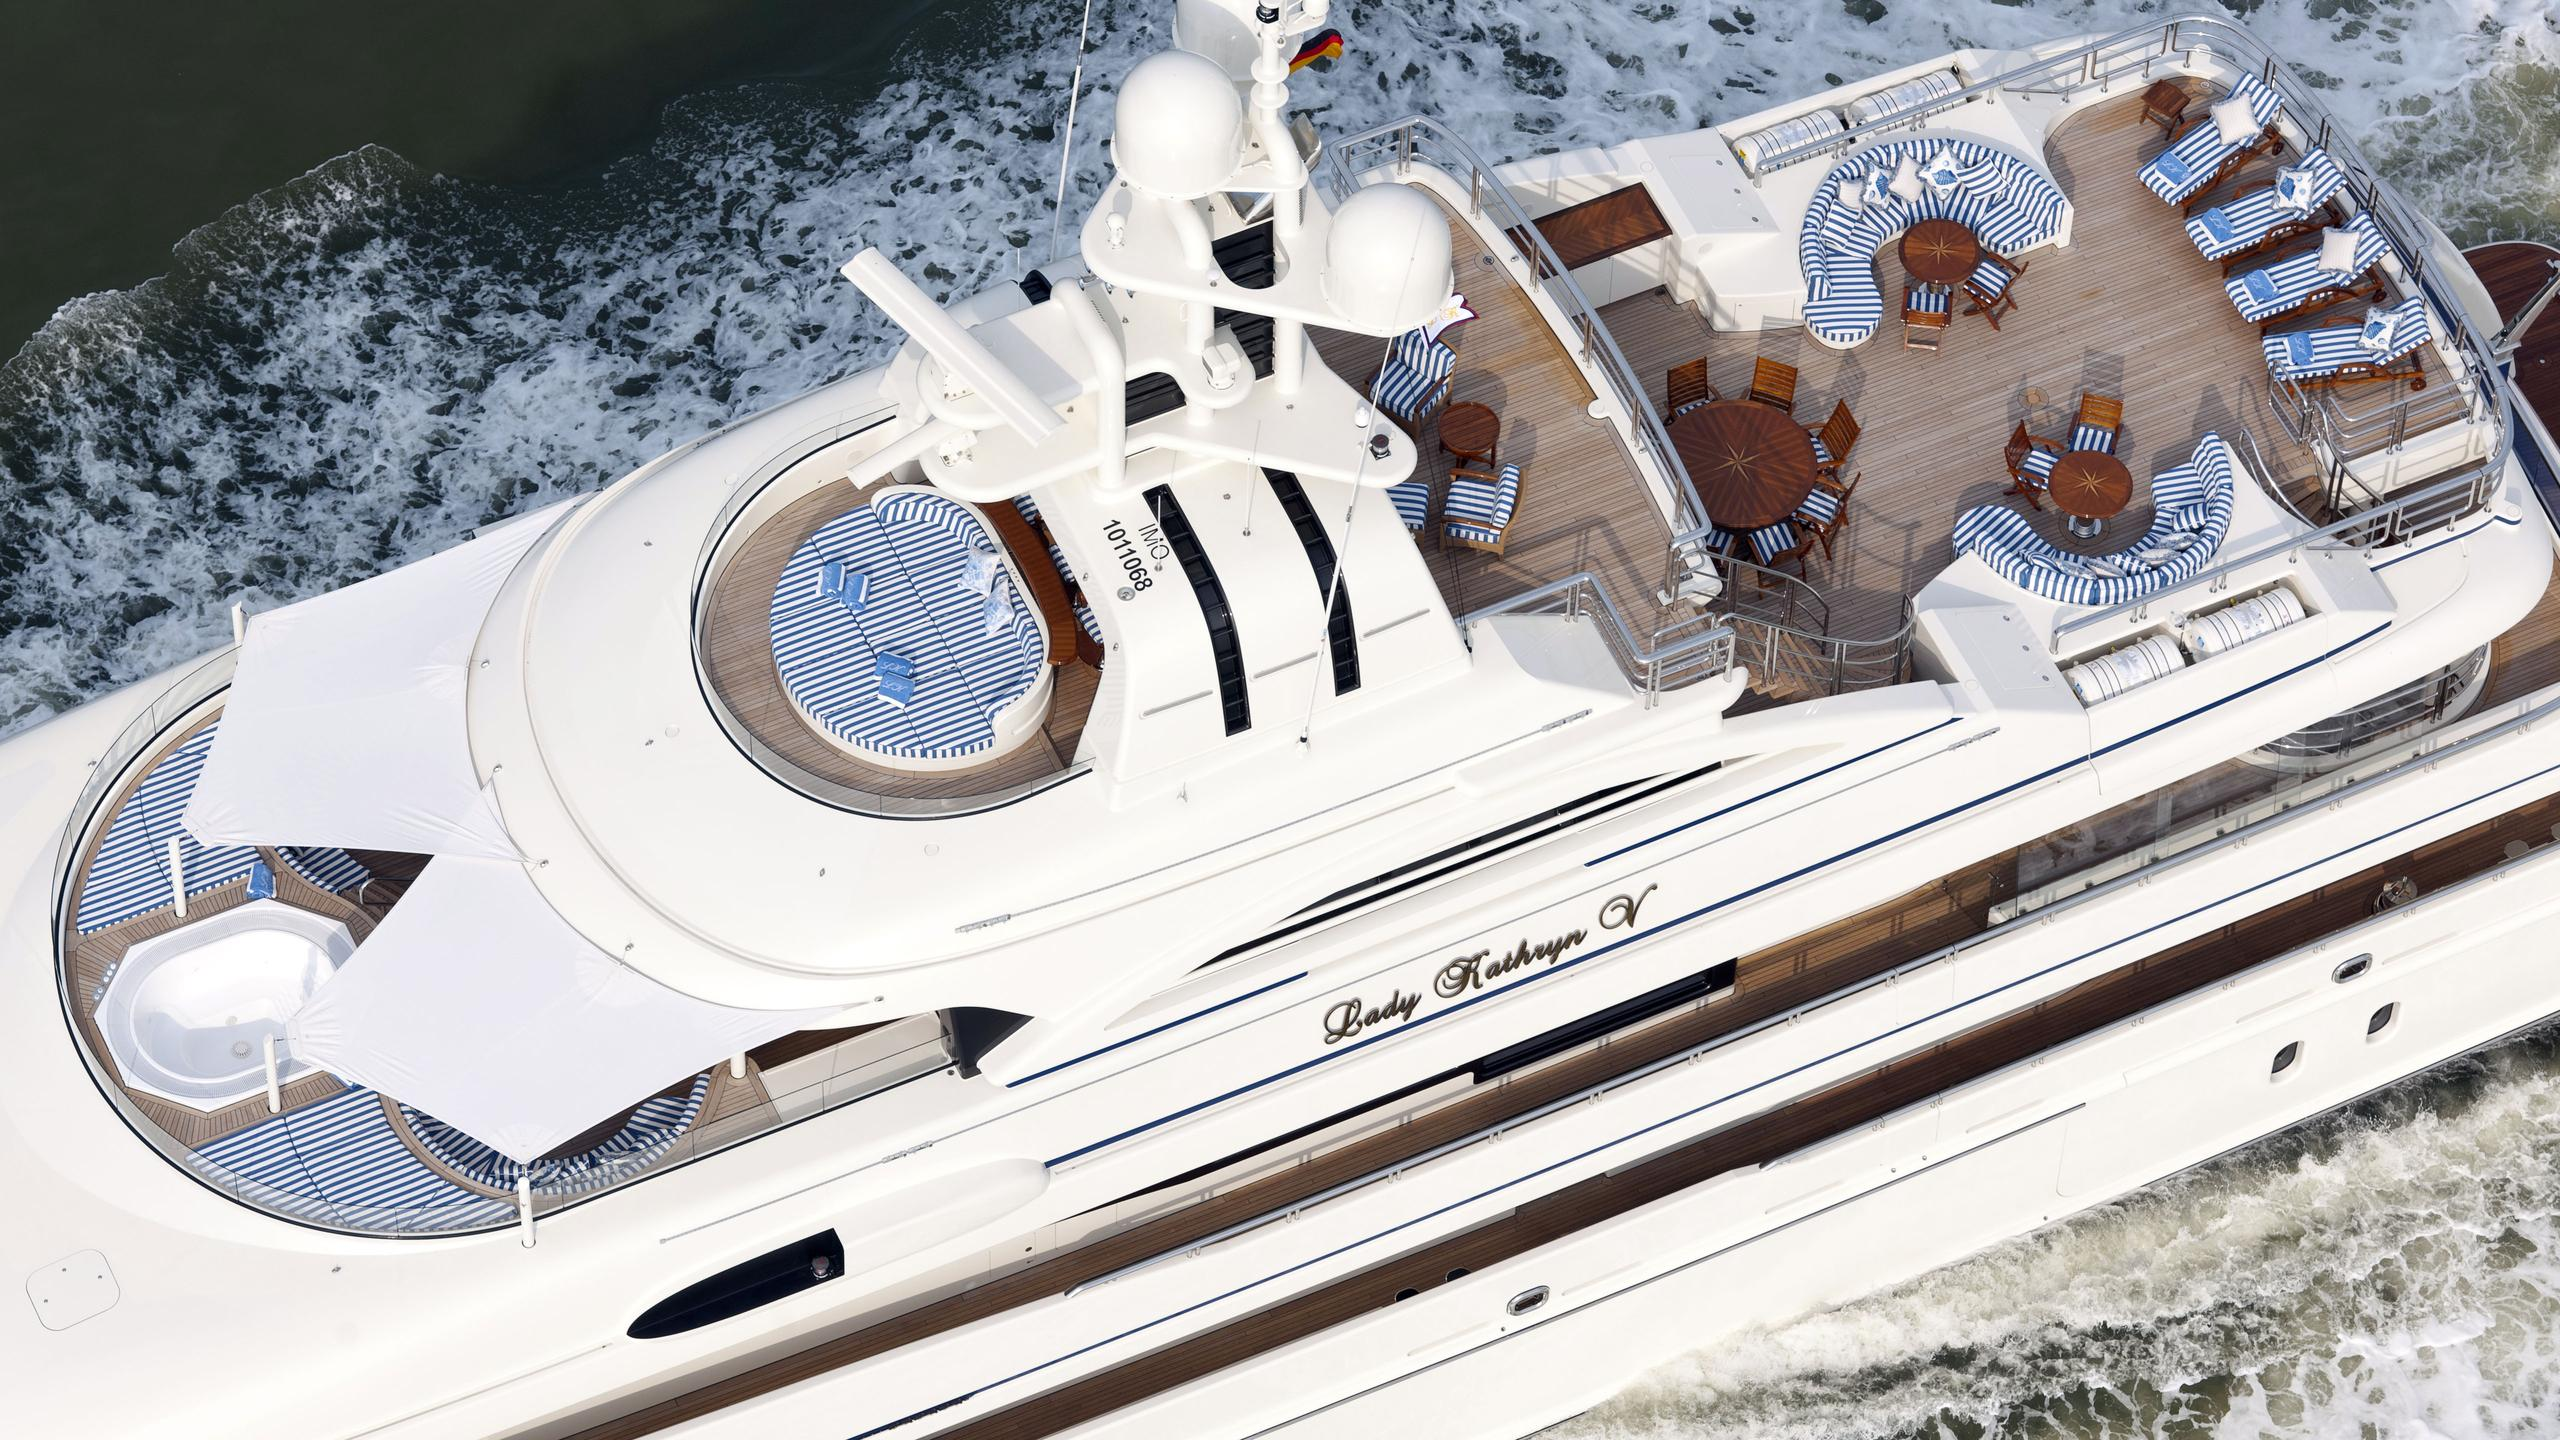 lady-kathryn-v-yacht-aerial